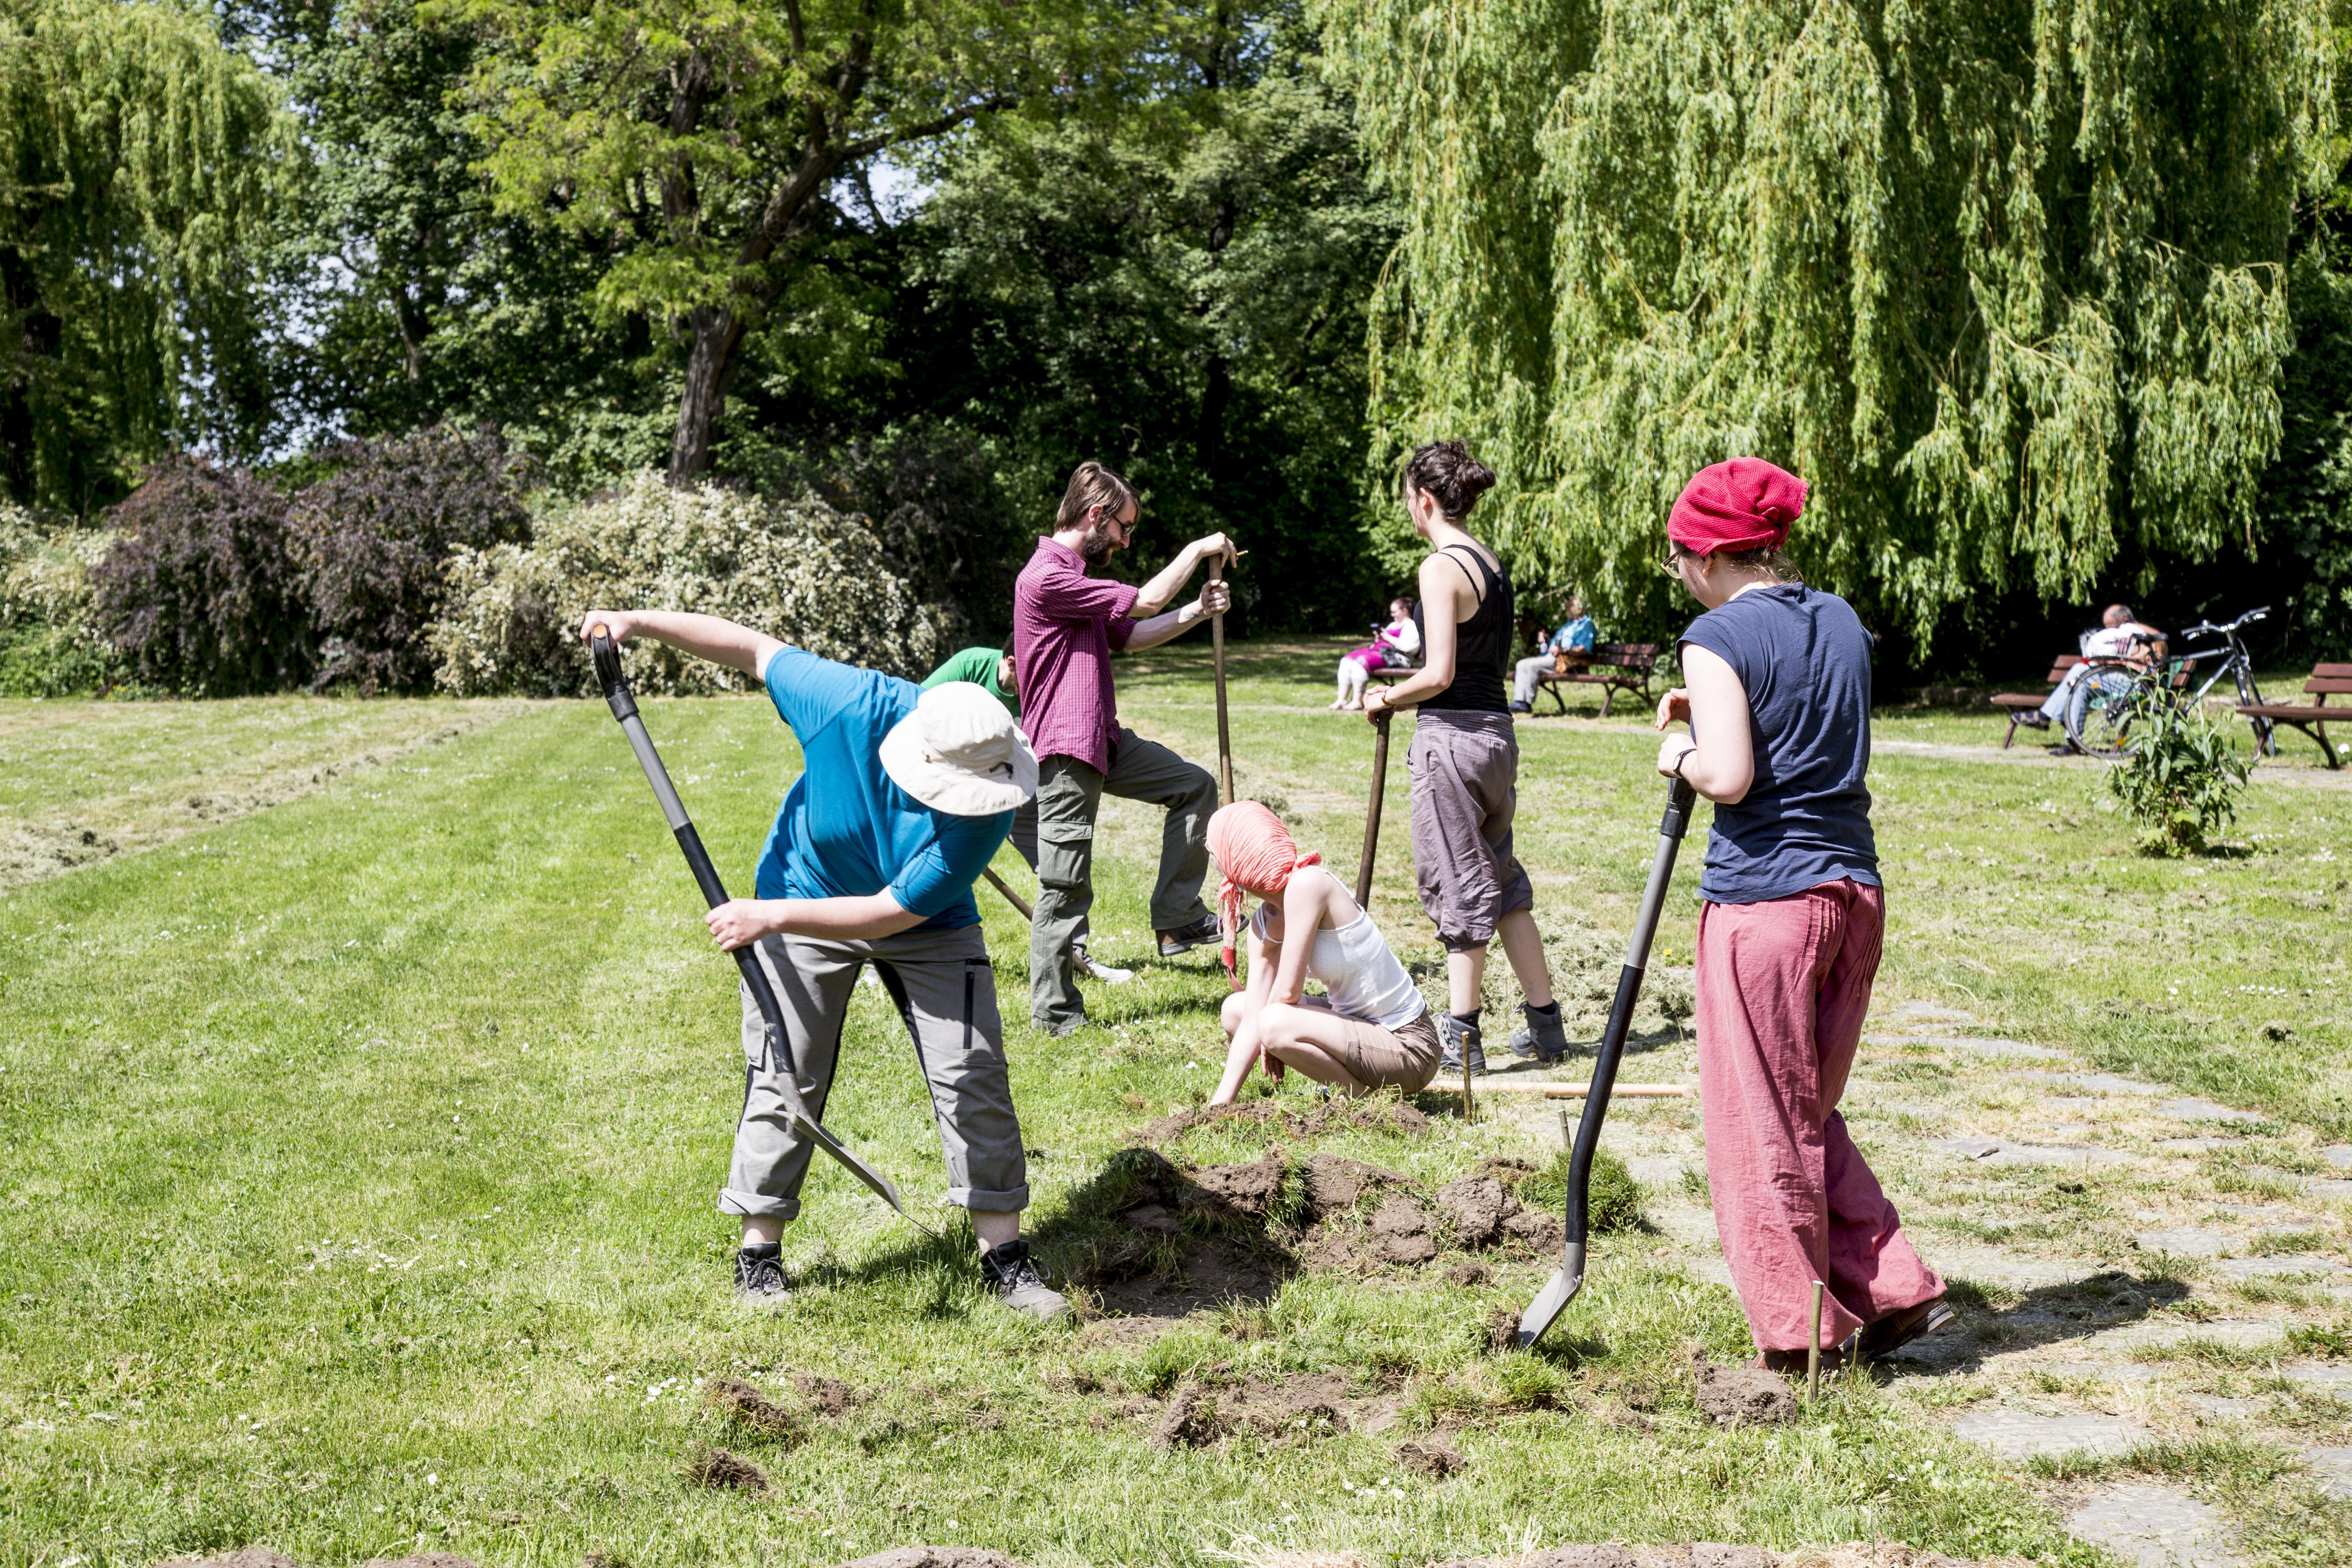 Frauen bei der Gartenarbeit. Sie legen mit Schaufeln erste Beete an.